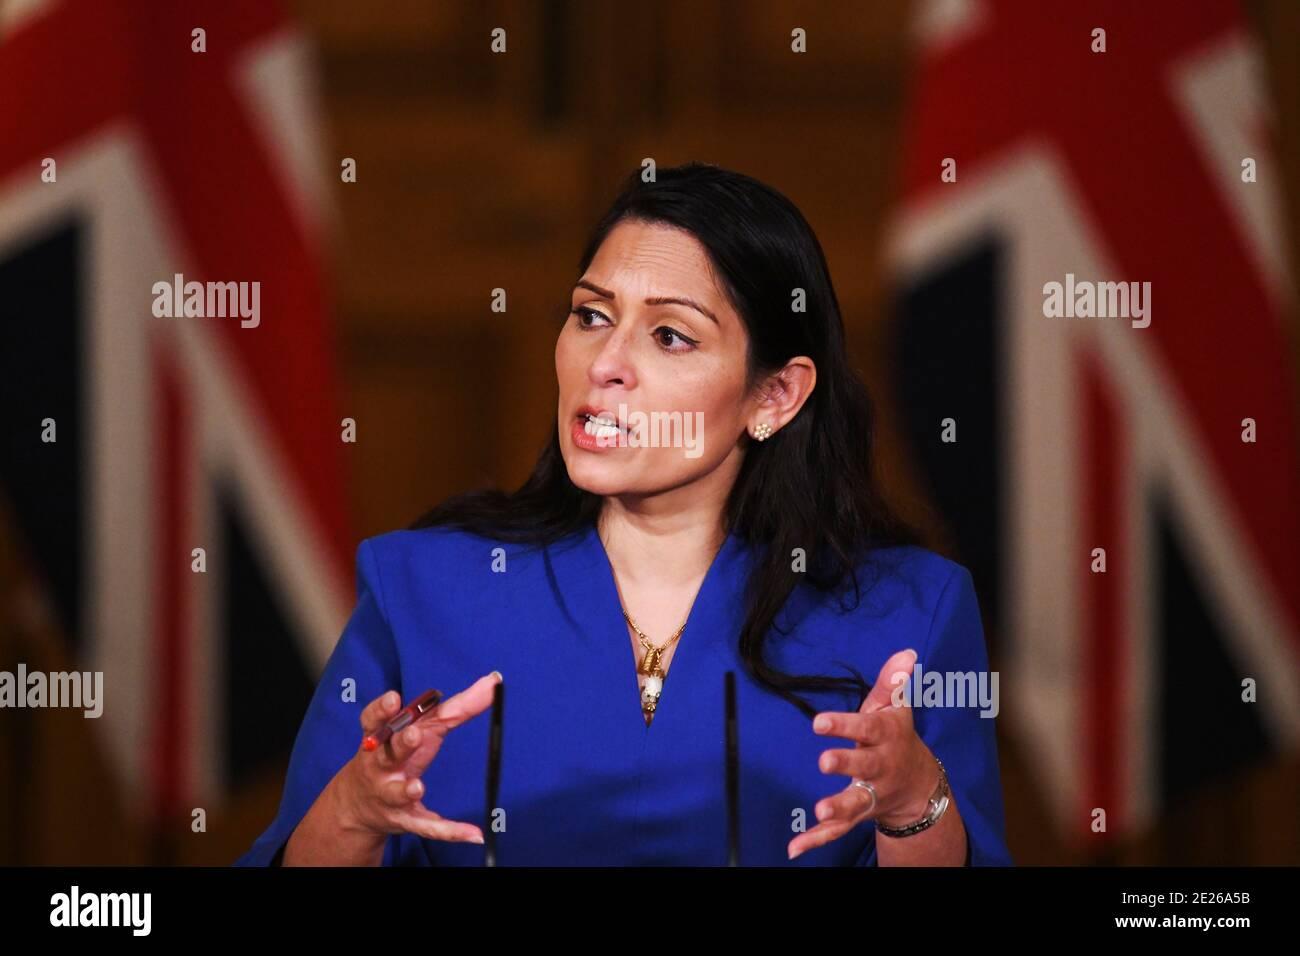 El Secretario del Interior de Gran Bretaña, Priti Patel, habla en una conferencia de noticias relacionada con la enfermedad de coronavirus (COVID-19) en Downing Street, Londres, Gran Bretaña, 12 de enero de 2021. Leon Neal/Piscina vía REUTERS Foto de stock